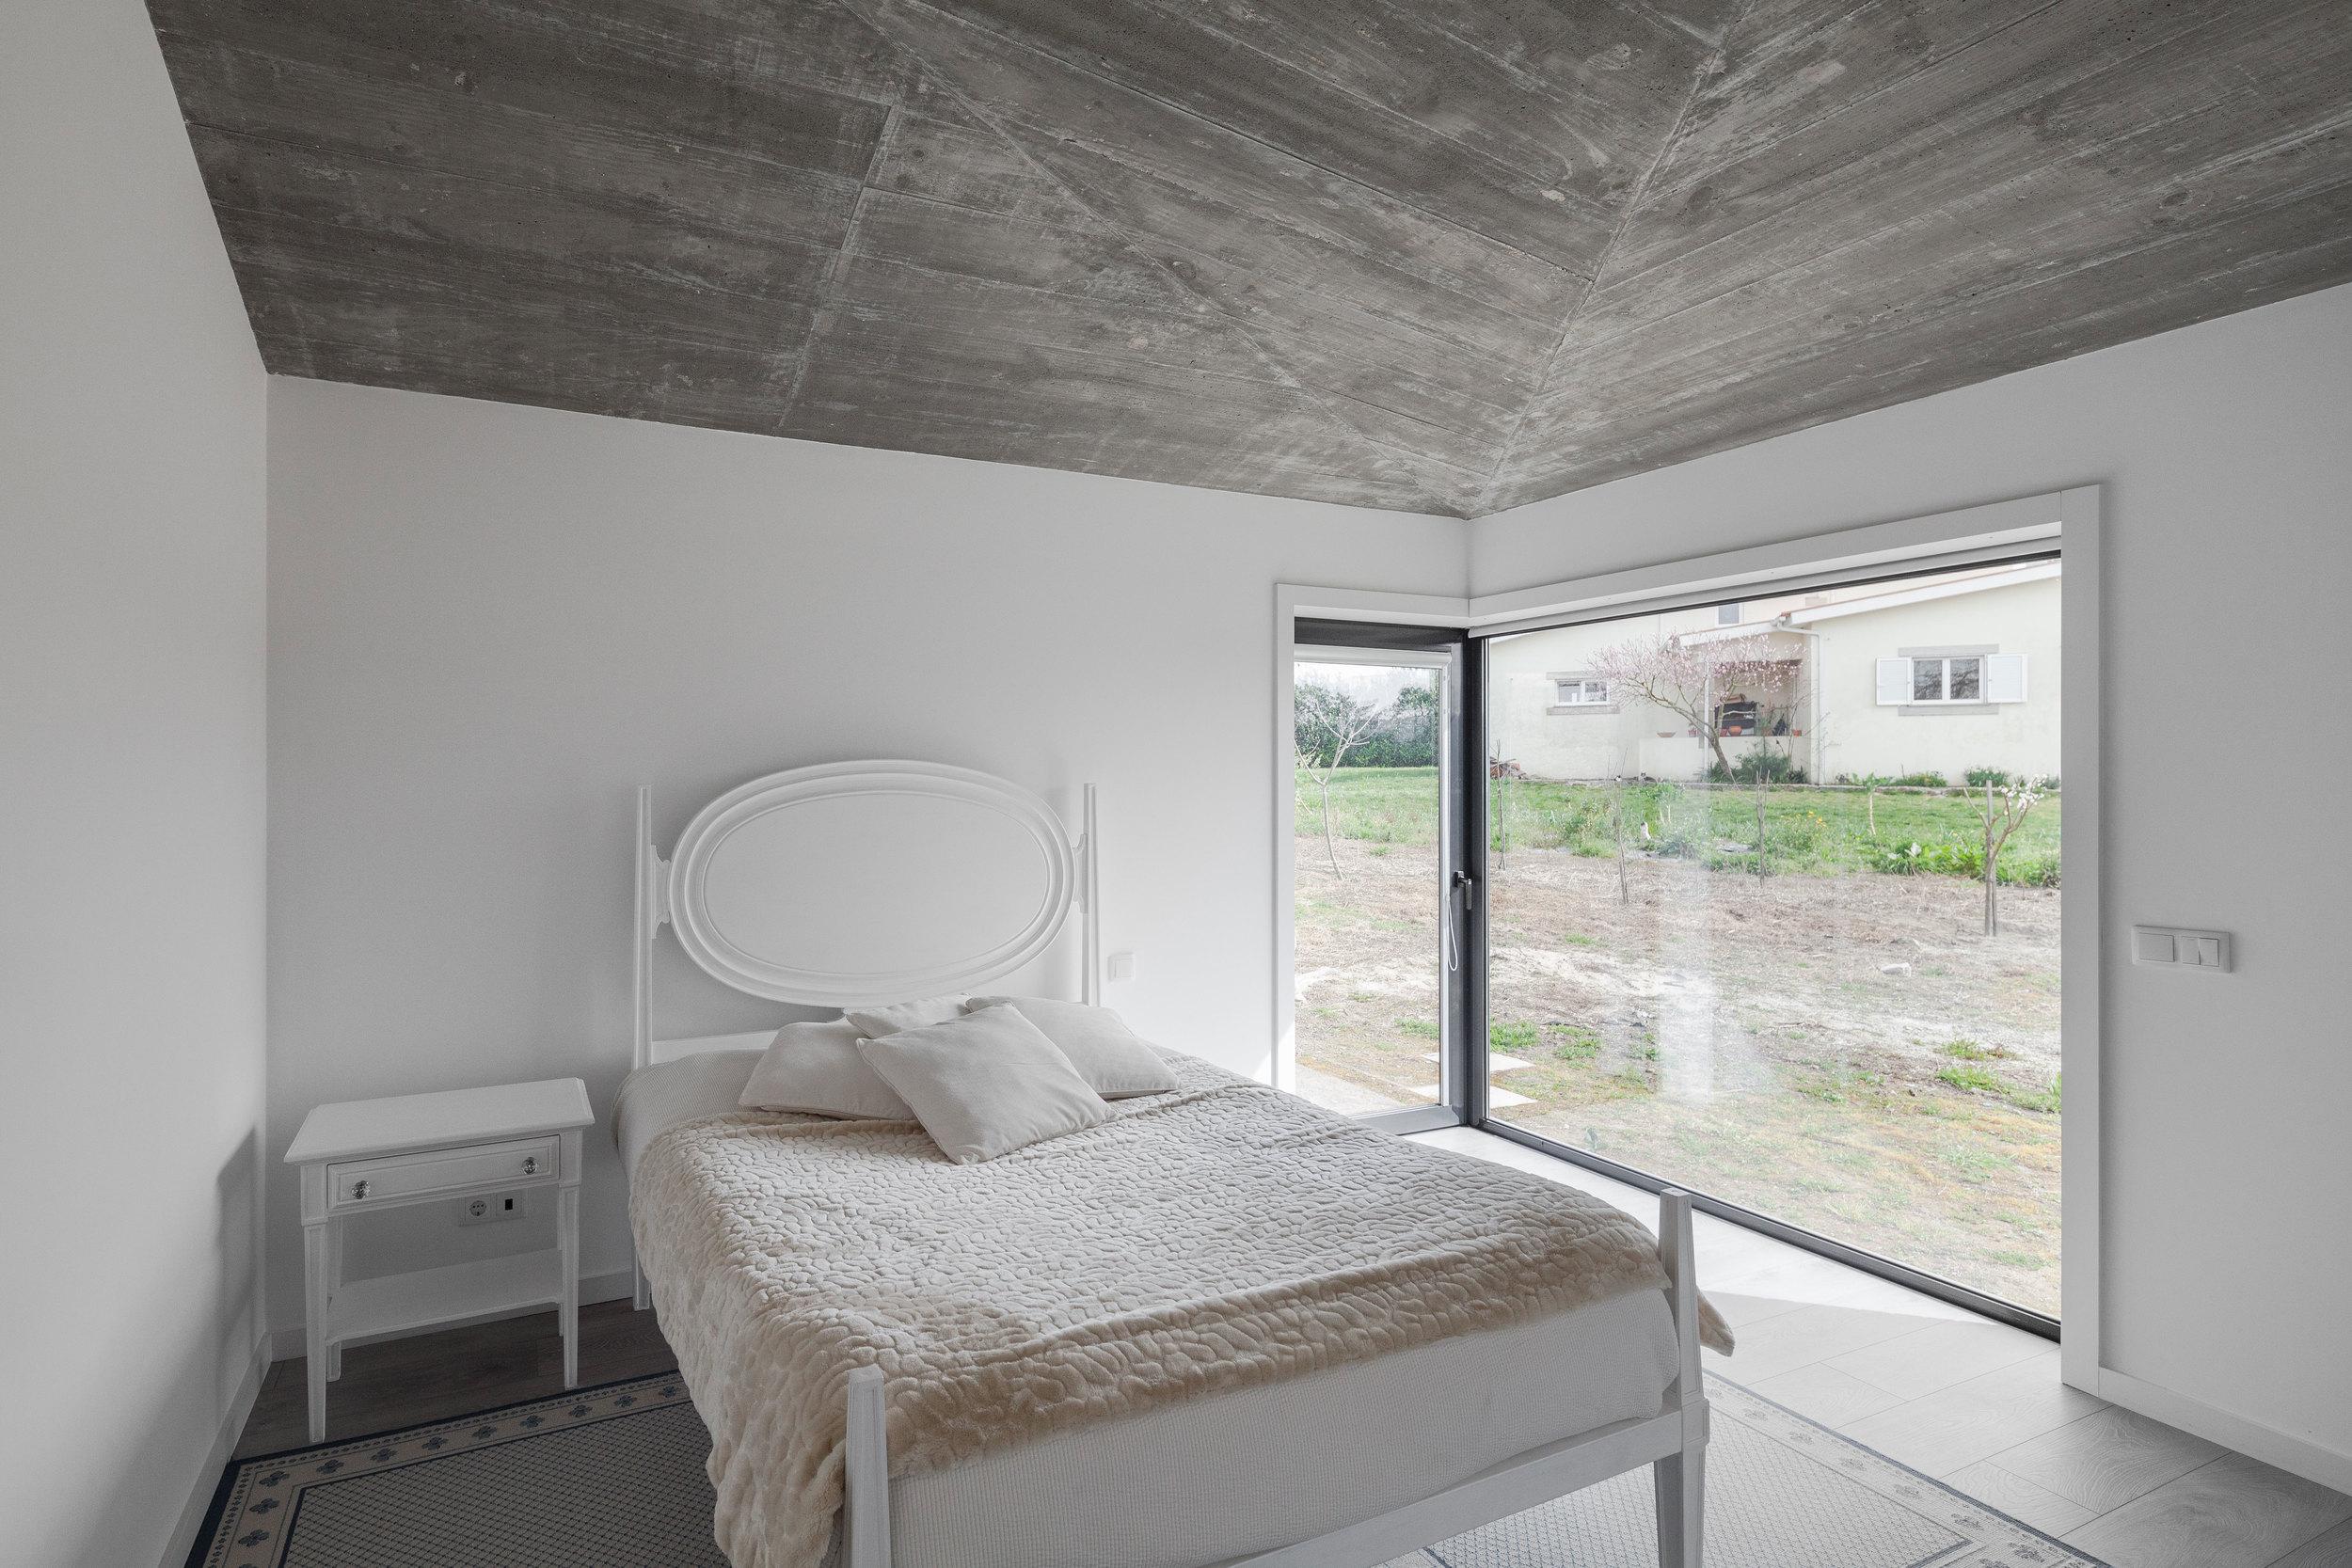 PROD_Open_patio_house_corner_bedroom.jpg